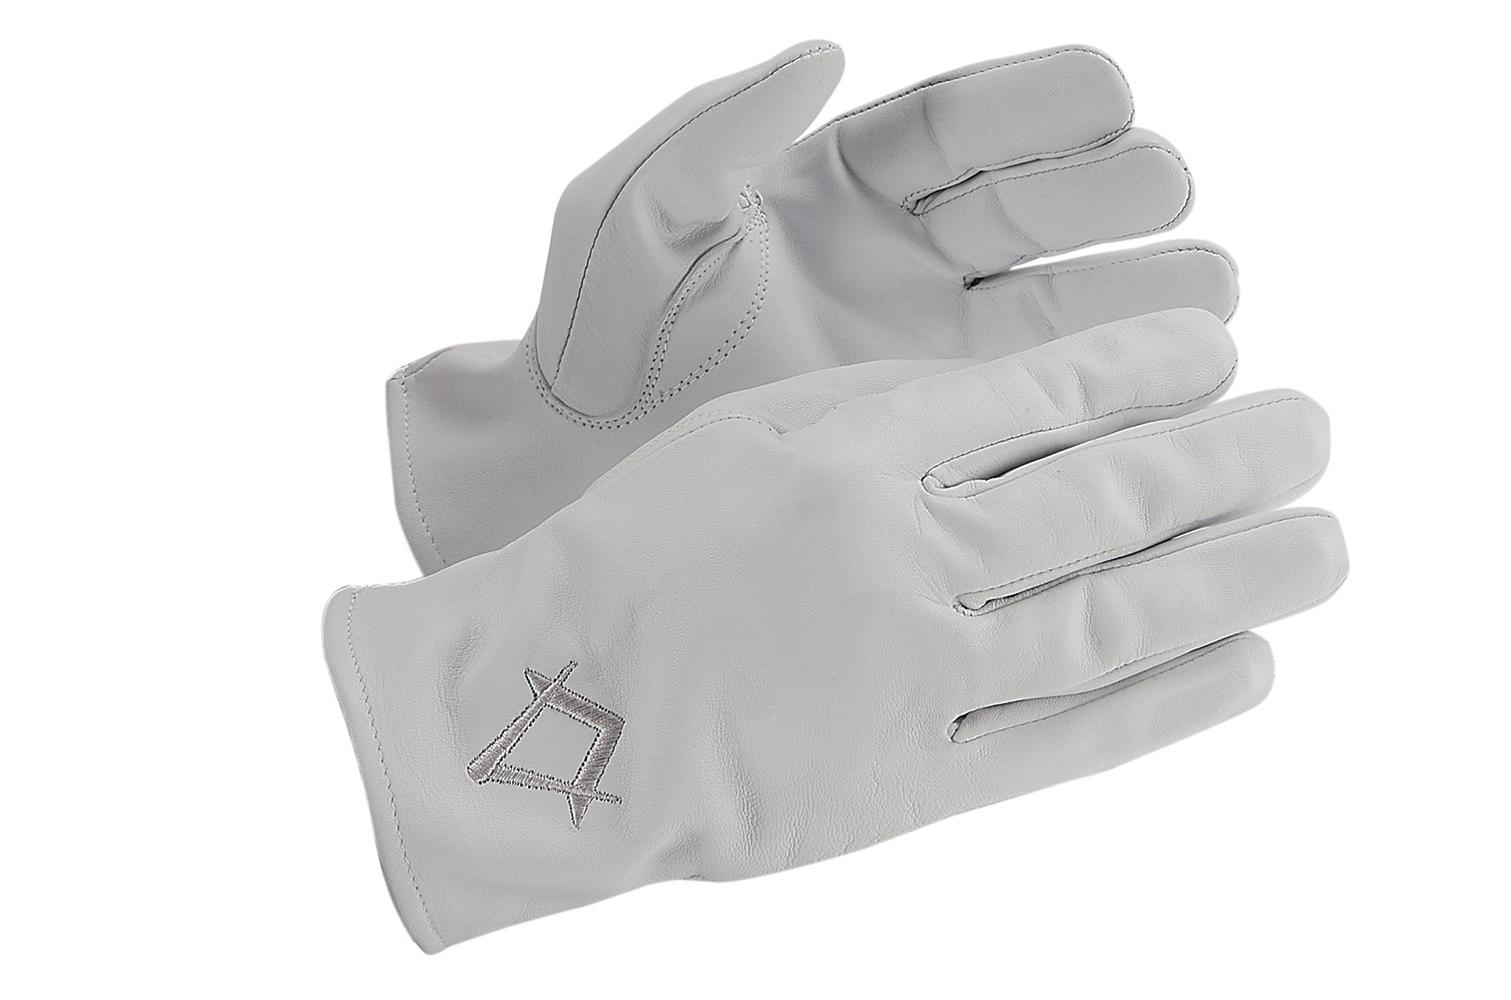 gants ma onniques tous rites gants ma onniques cuir luxe pour homme equerre compas argent. Black Bedroom Furniture Sets. Home Design Ideas